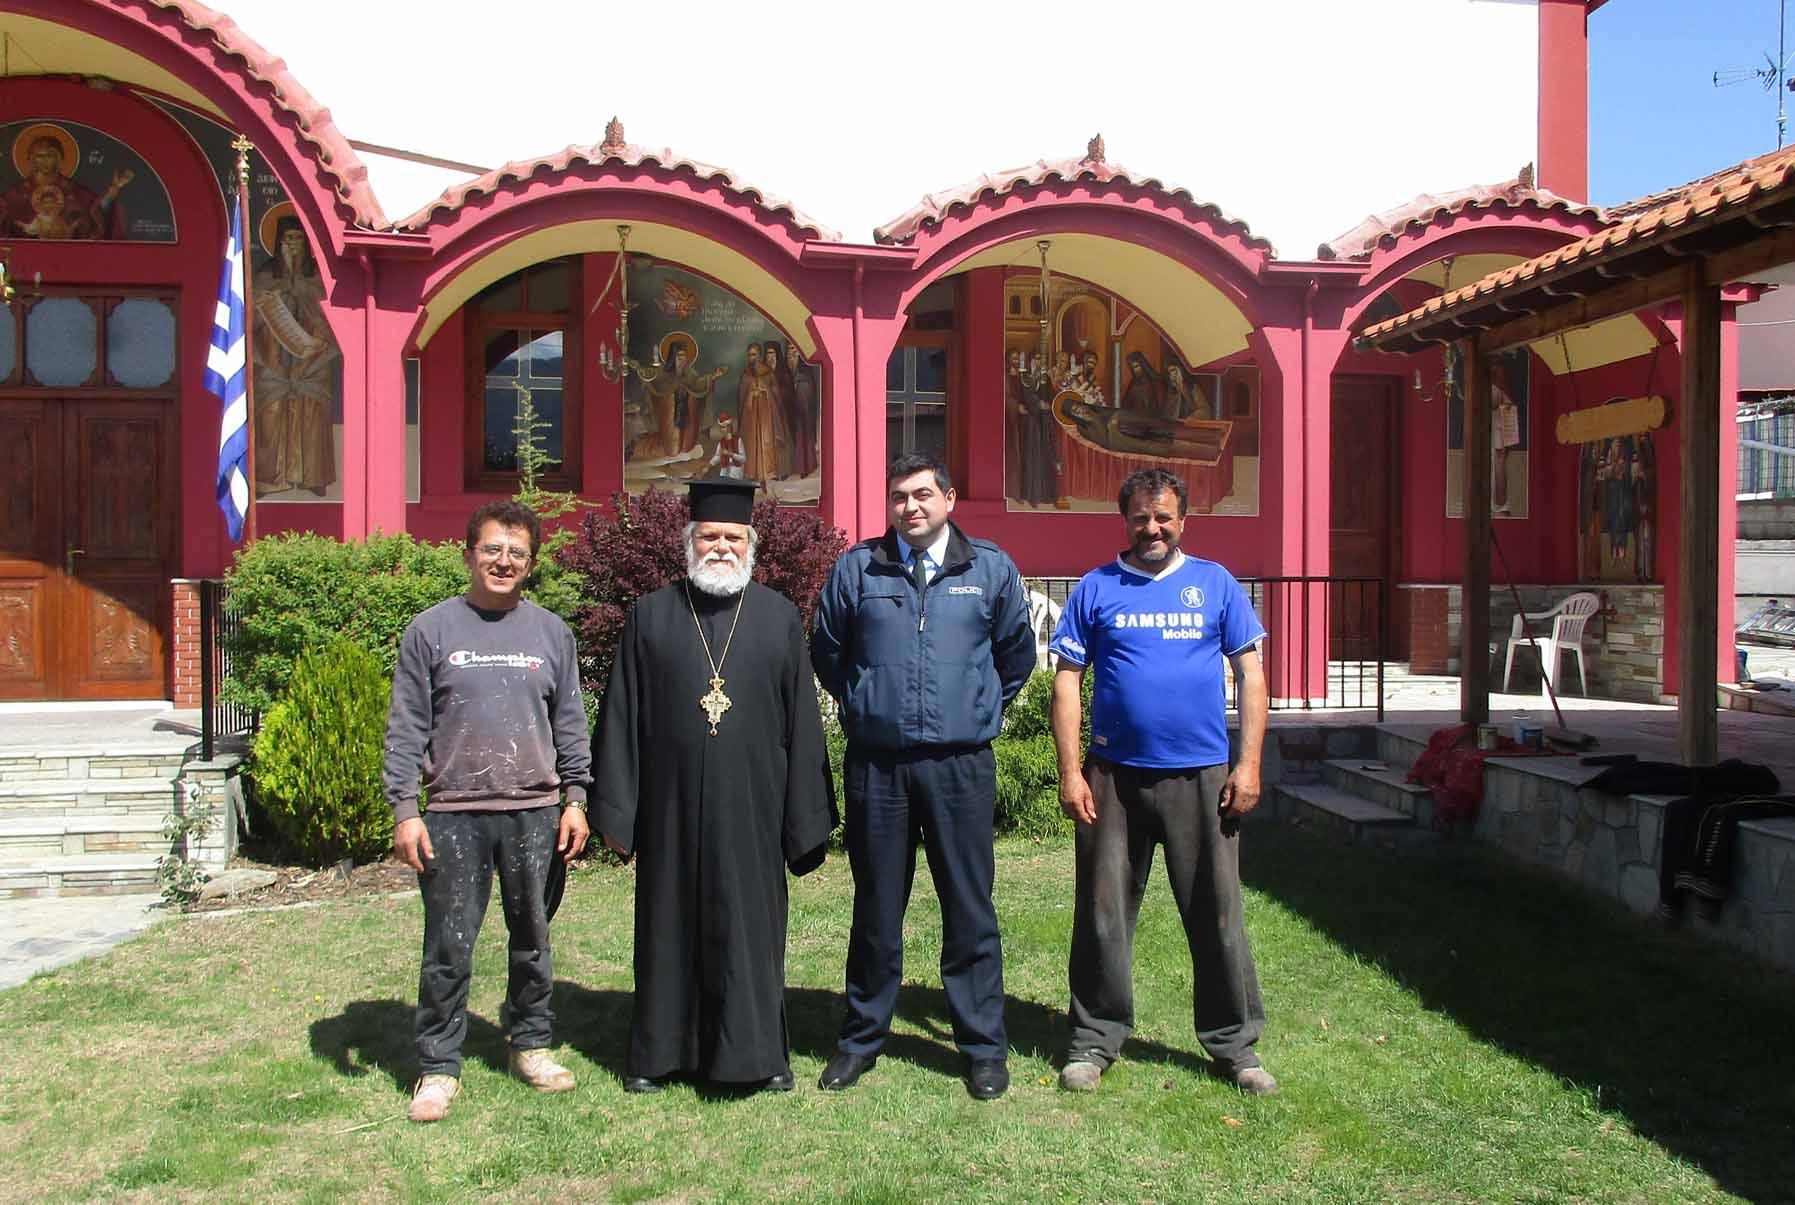 Φιλική επίσκεψη του Τοπικού Αστυνόμου Βελβεντού  στον Ιερό Ναό του Αγίου Διονυσίου Βελβεντού.  (του παπαδάσκαλου Κωνσταντίνου Ι. Κώστα)